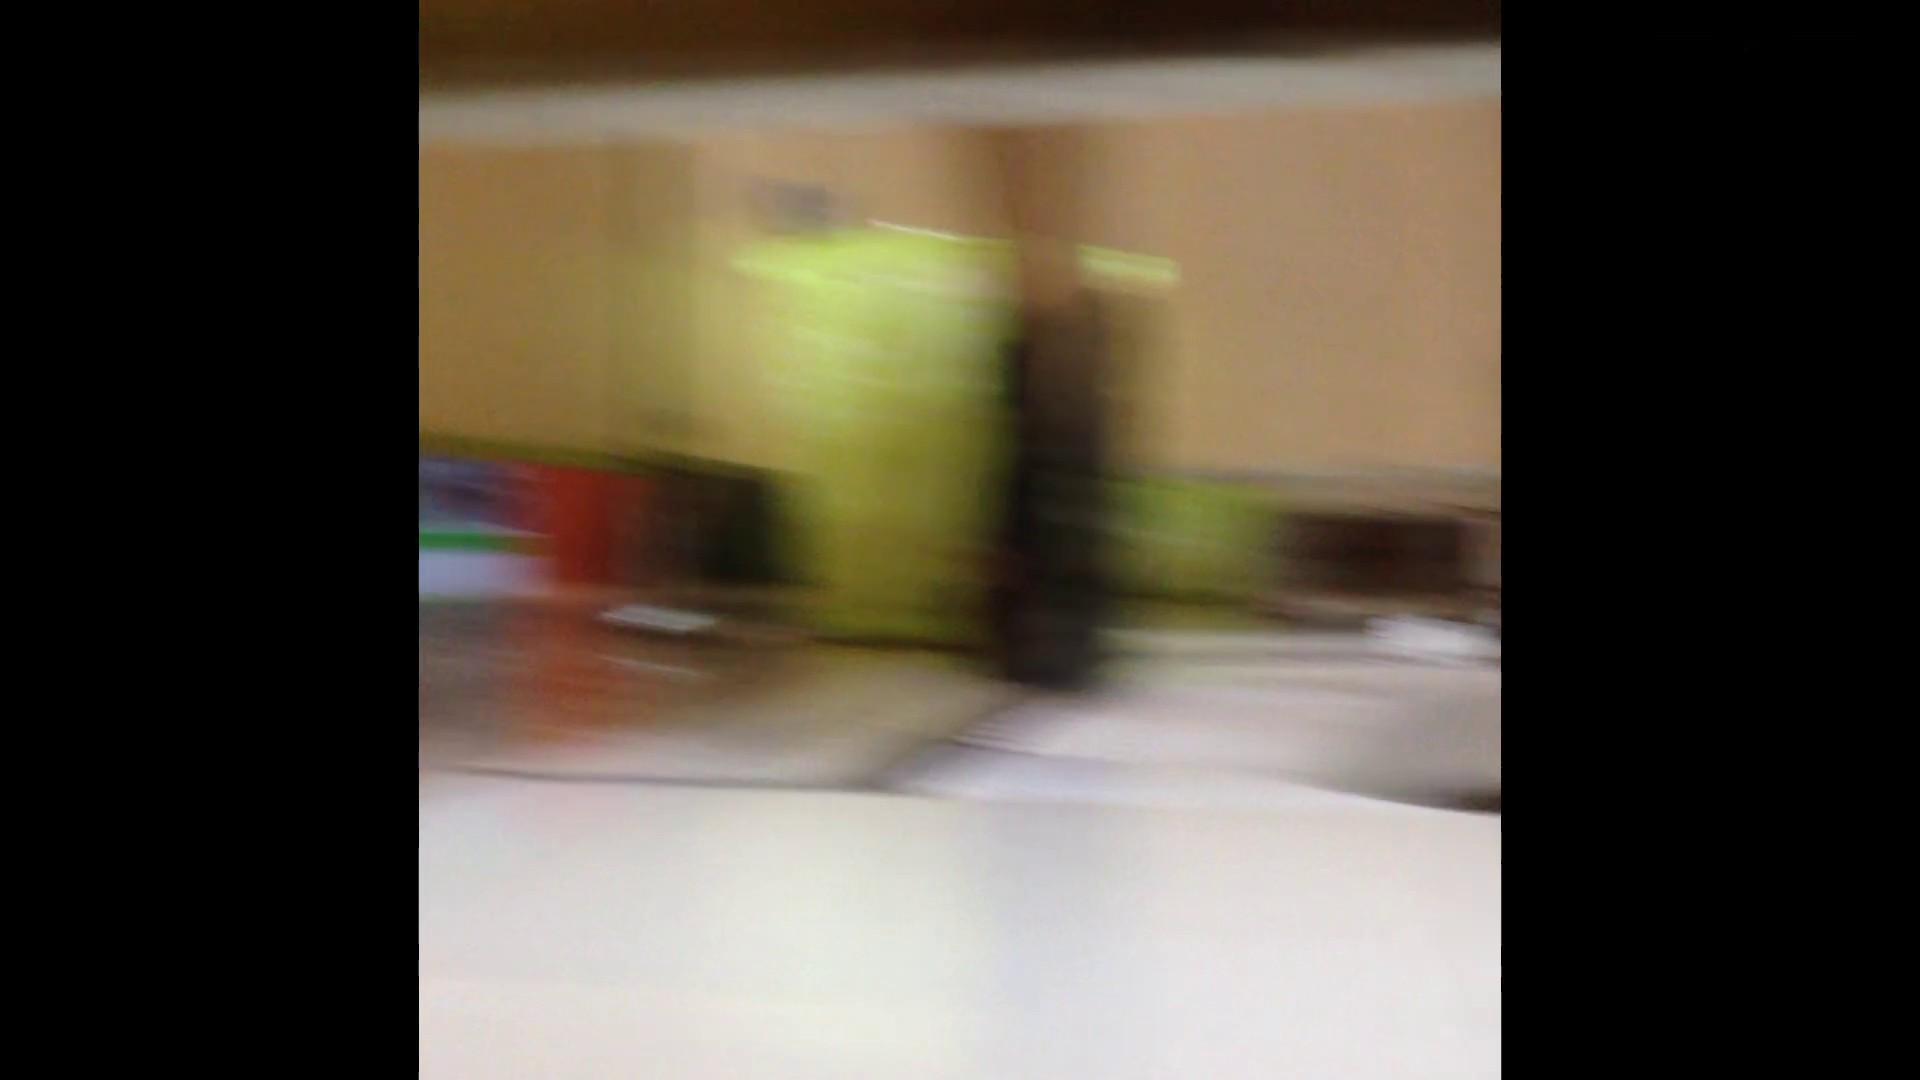 芸術大学ガチ潜入盗撮 JD盗撮 美女の洗面所の秘密 Vol.86 盗撮 エロ画像 93pic 27